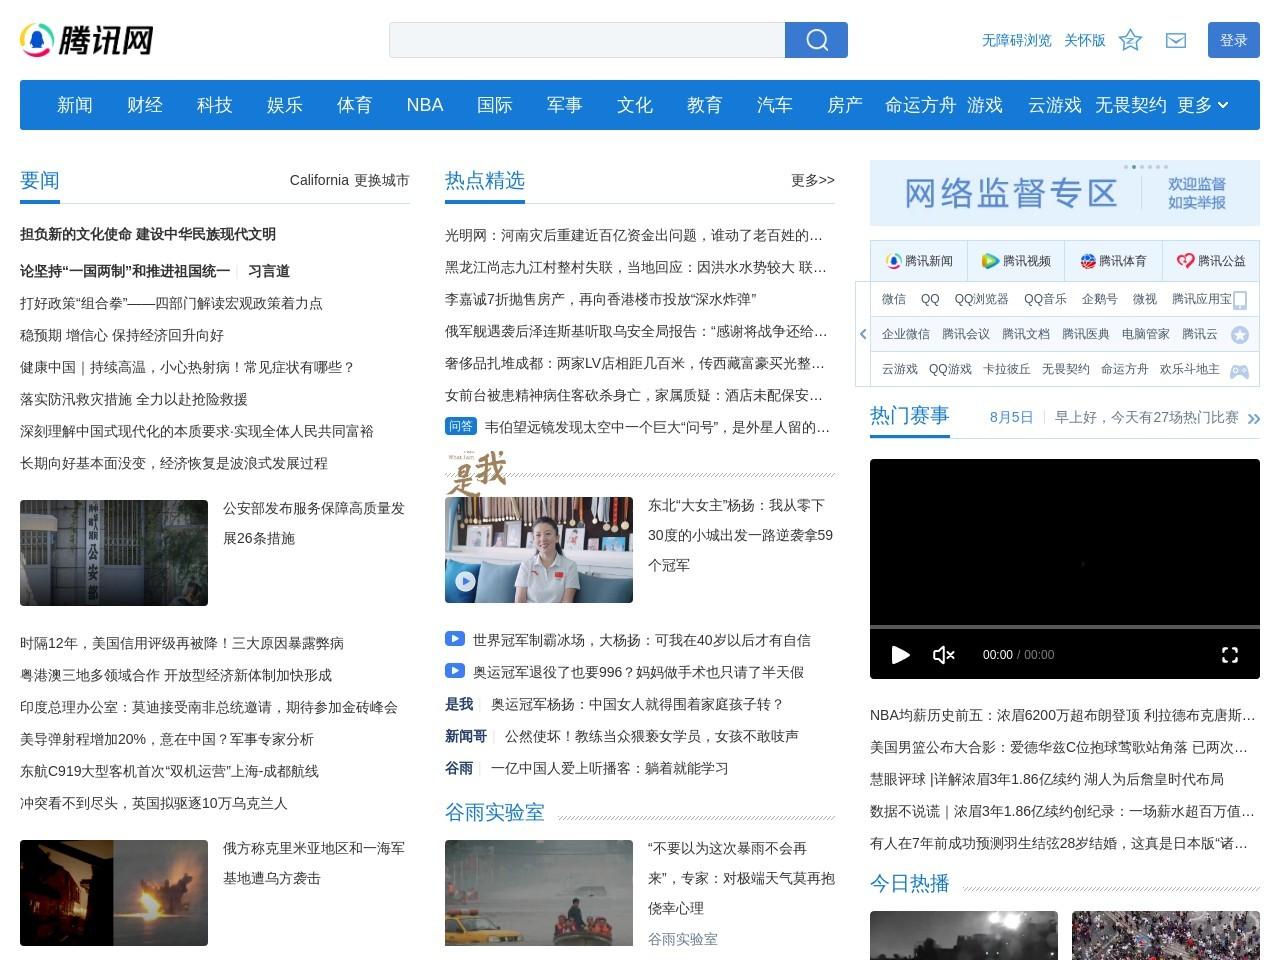 腾讯网的网站截图